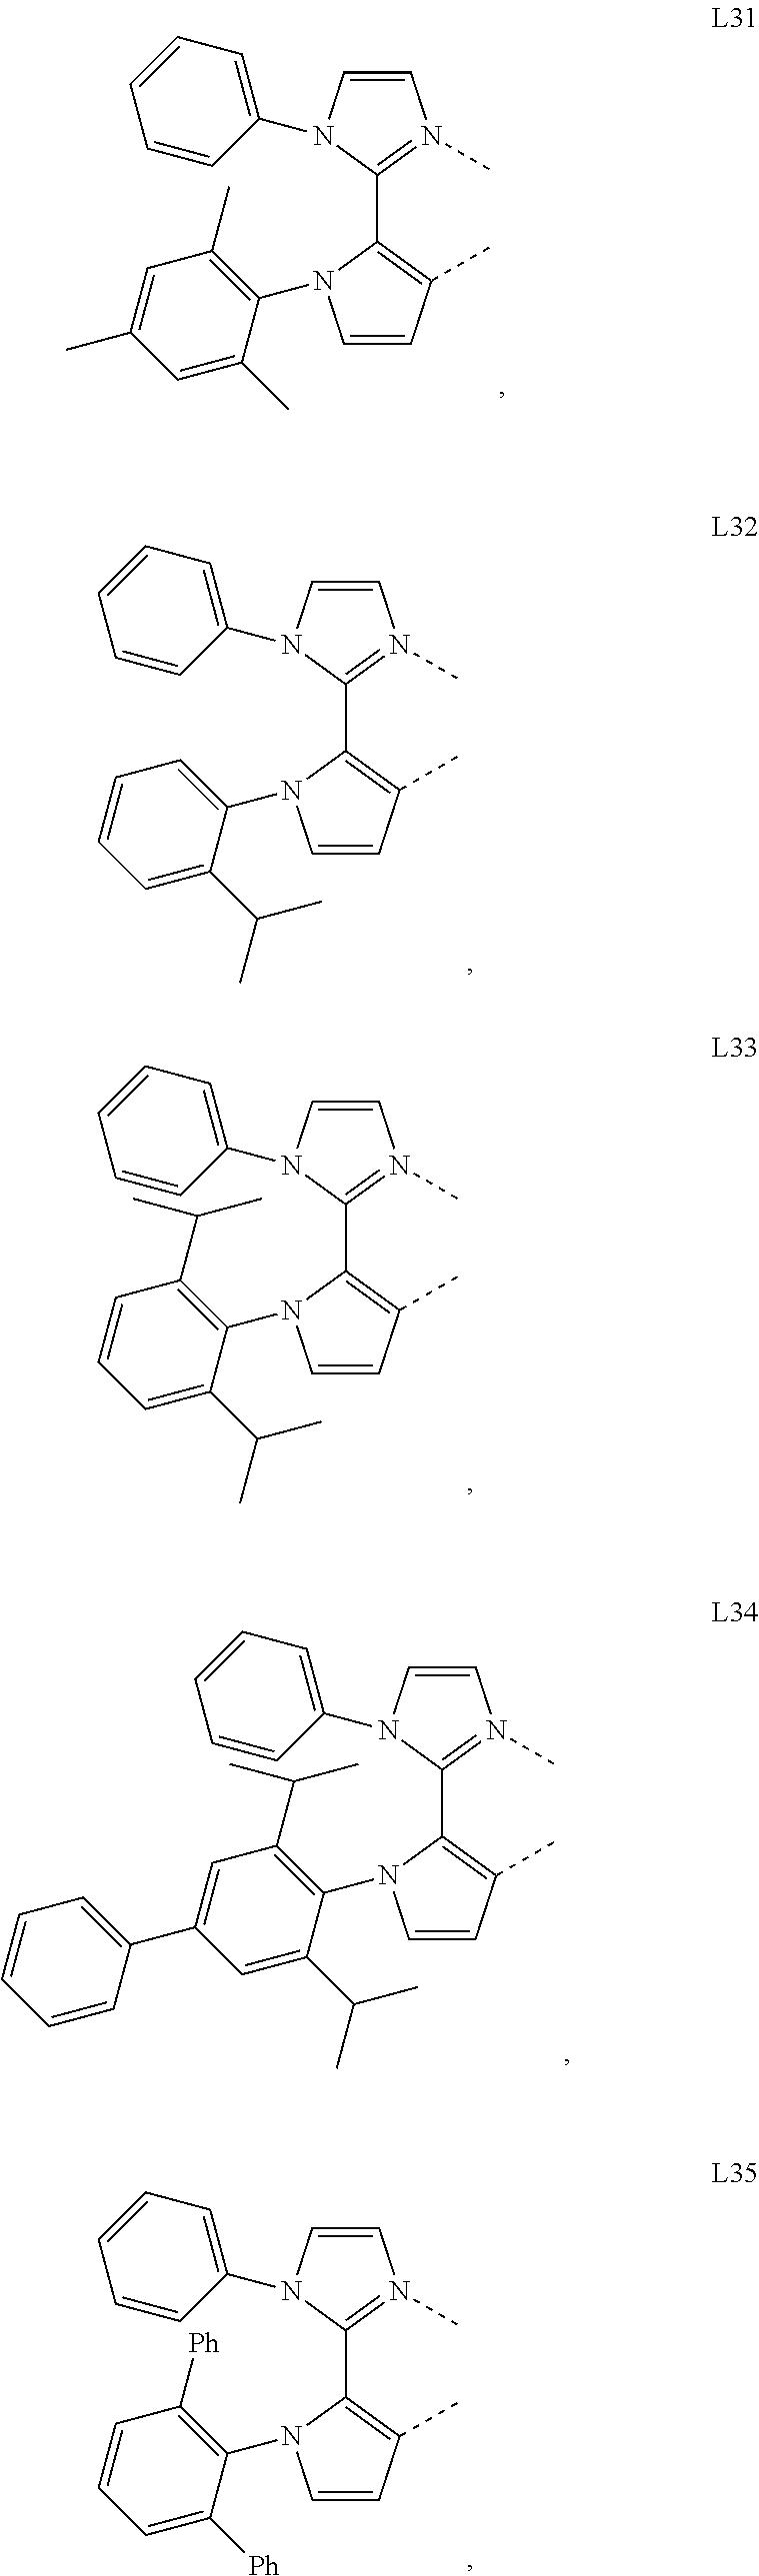 Figure US09935277-20180403-C00011